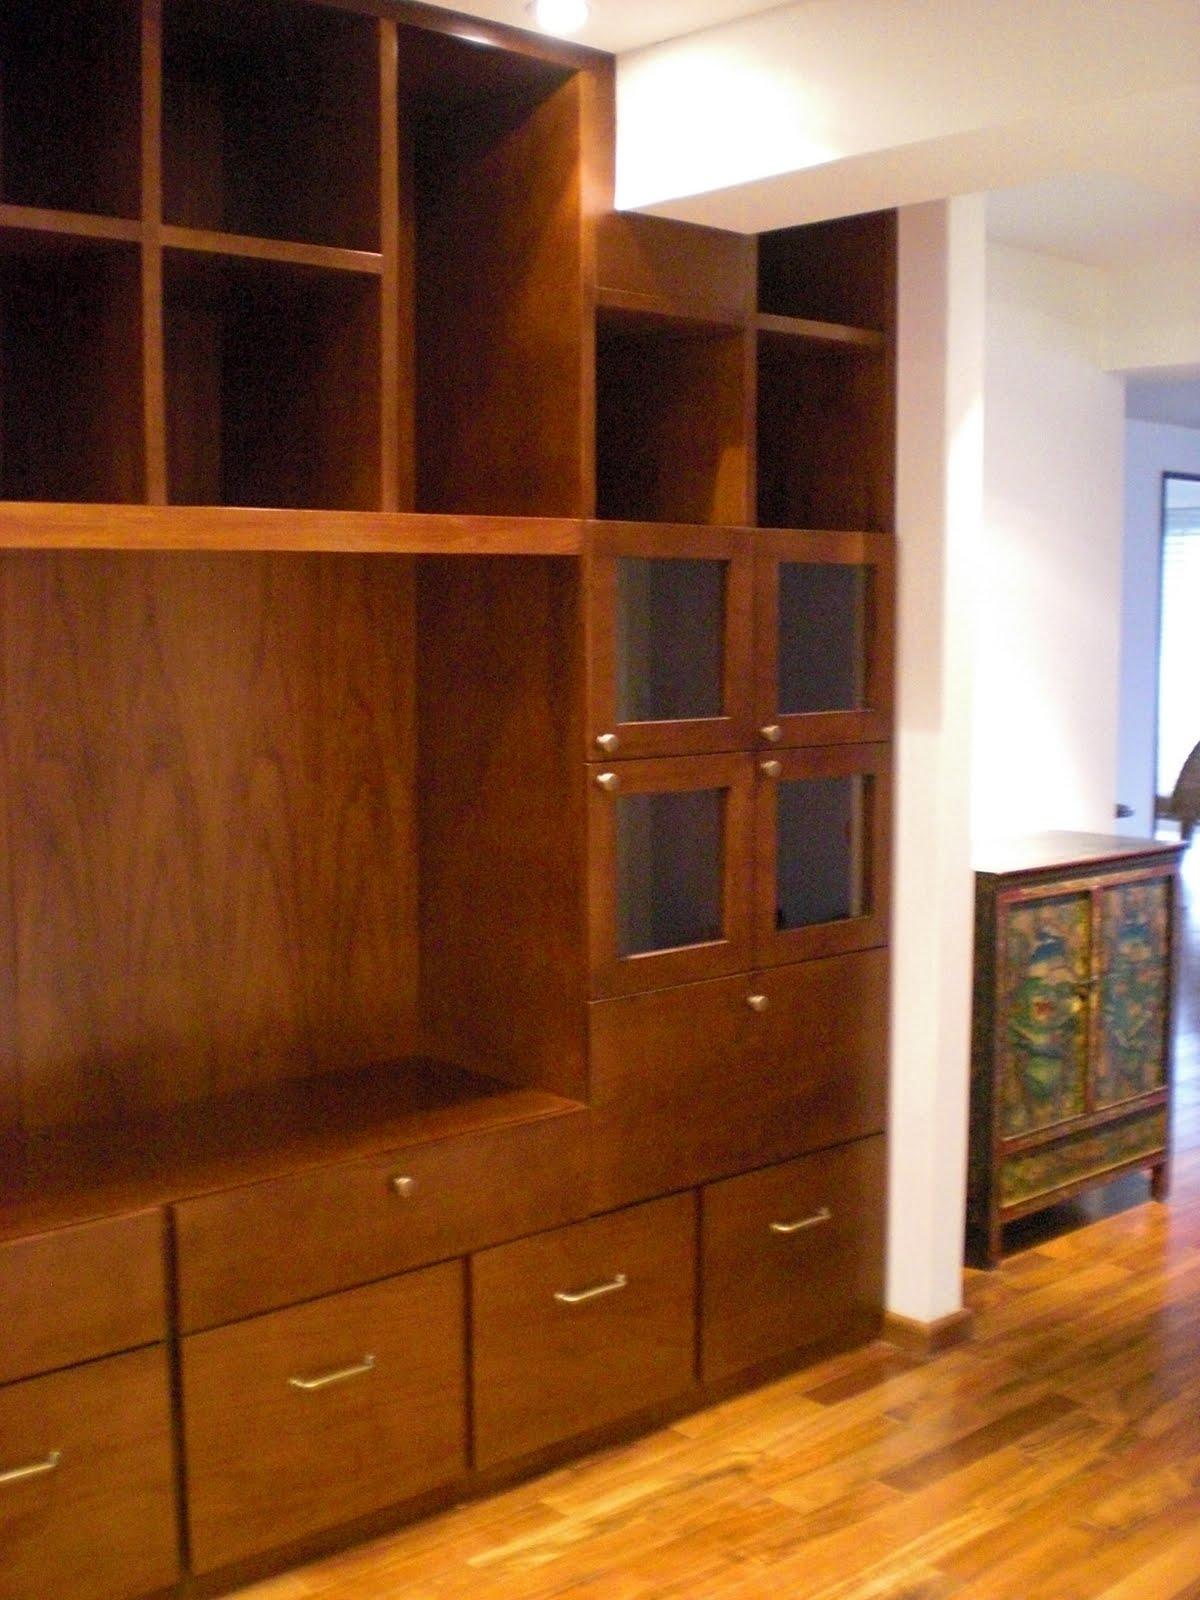 Muebles sobre dise o avl muebles para t v for Diseno de muebles de madera